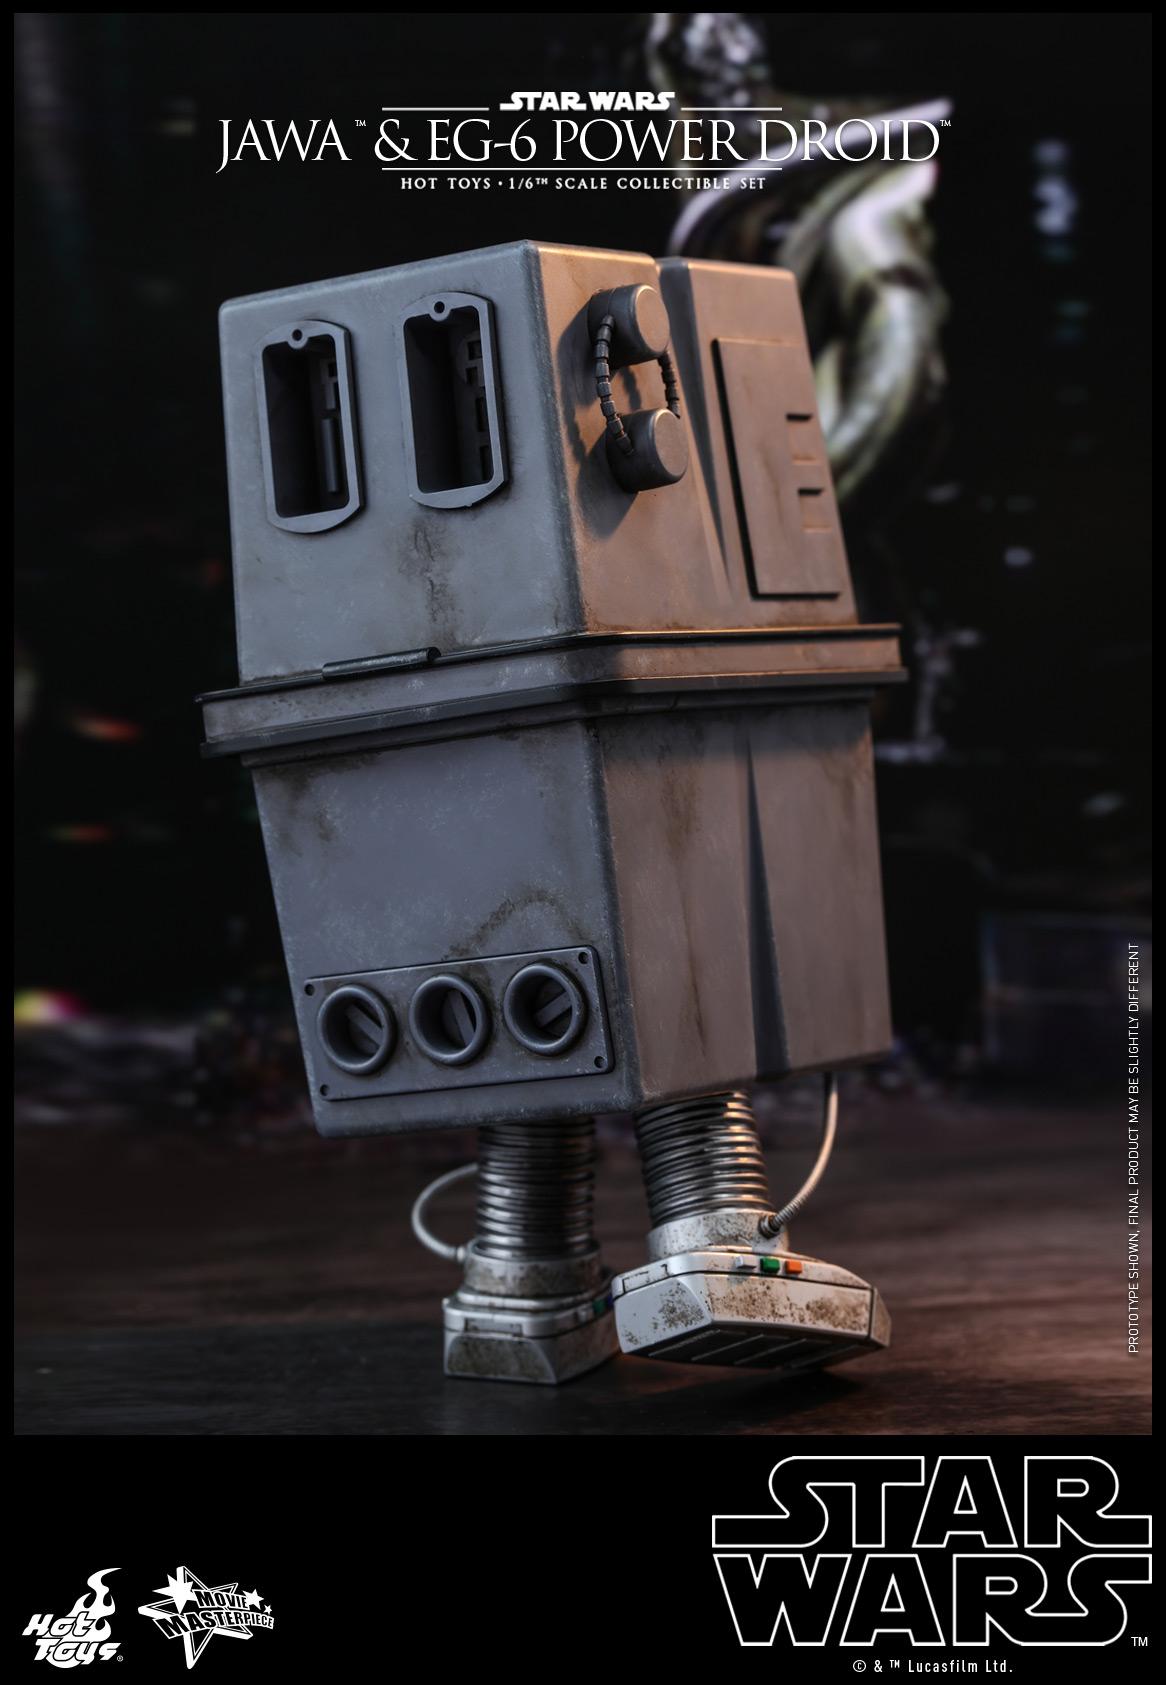 Hot Toys - Star Wars Epi 4 - Jawa & EG-6 Power Droid - PR8